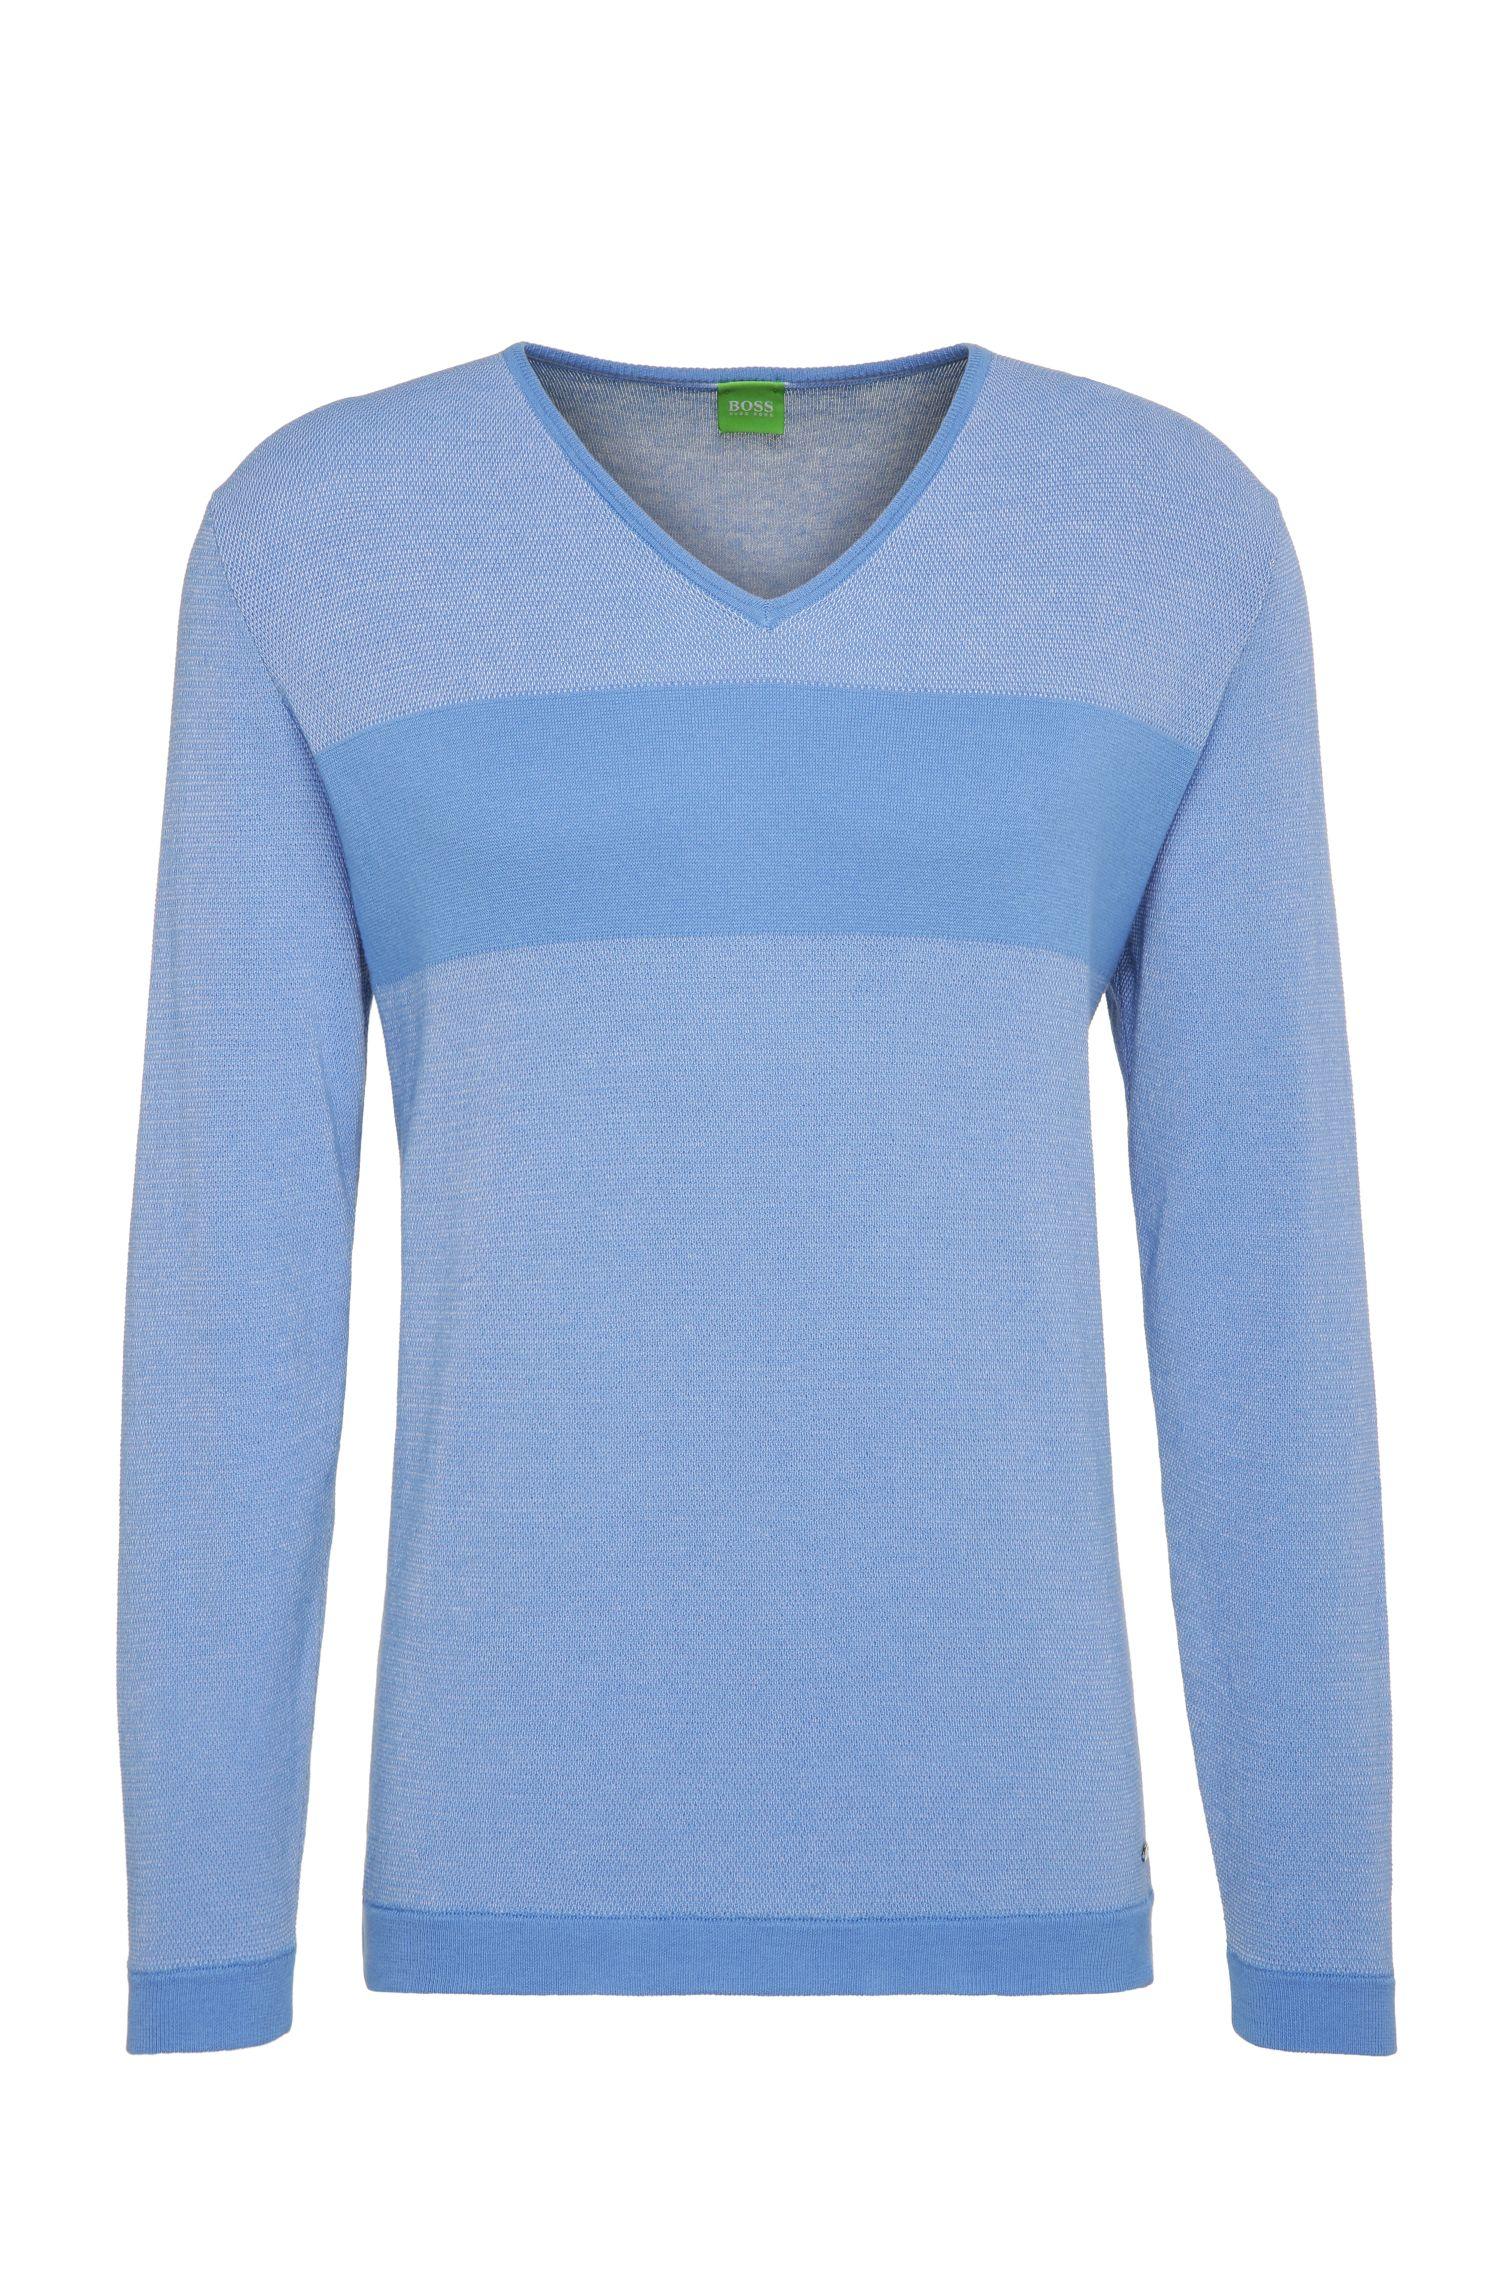 Slim-Fit Sweatshirt aus Baumwolle mit Querstreifen: ´Vams`